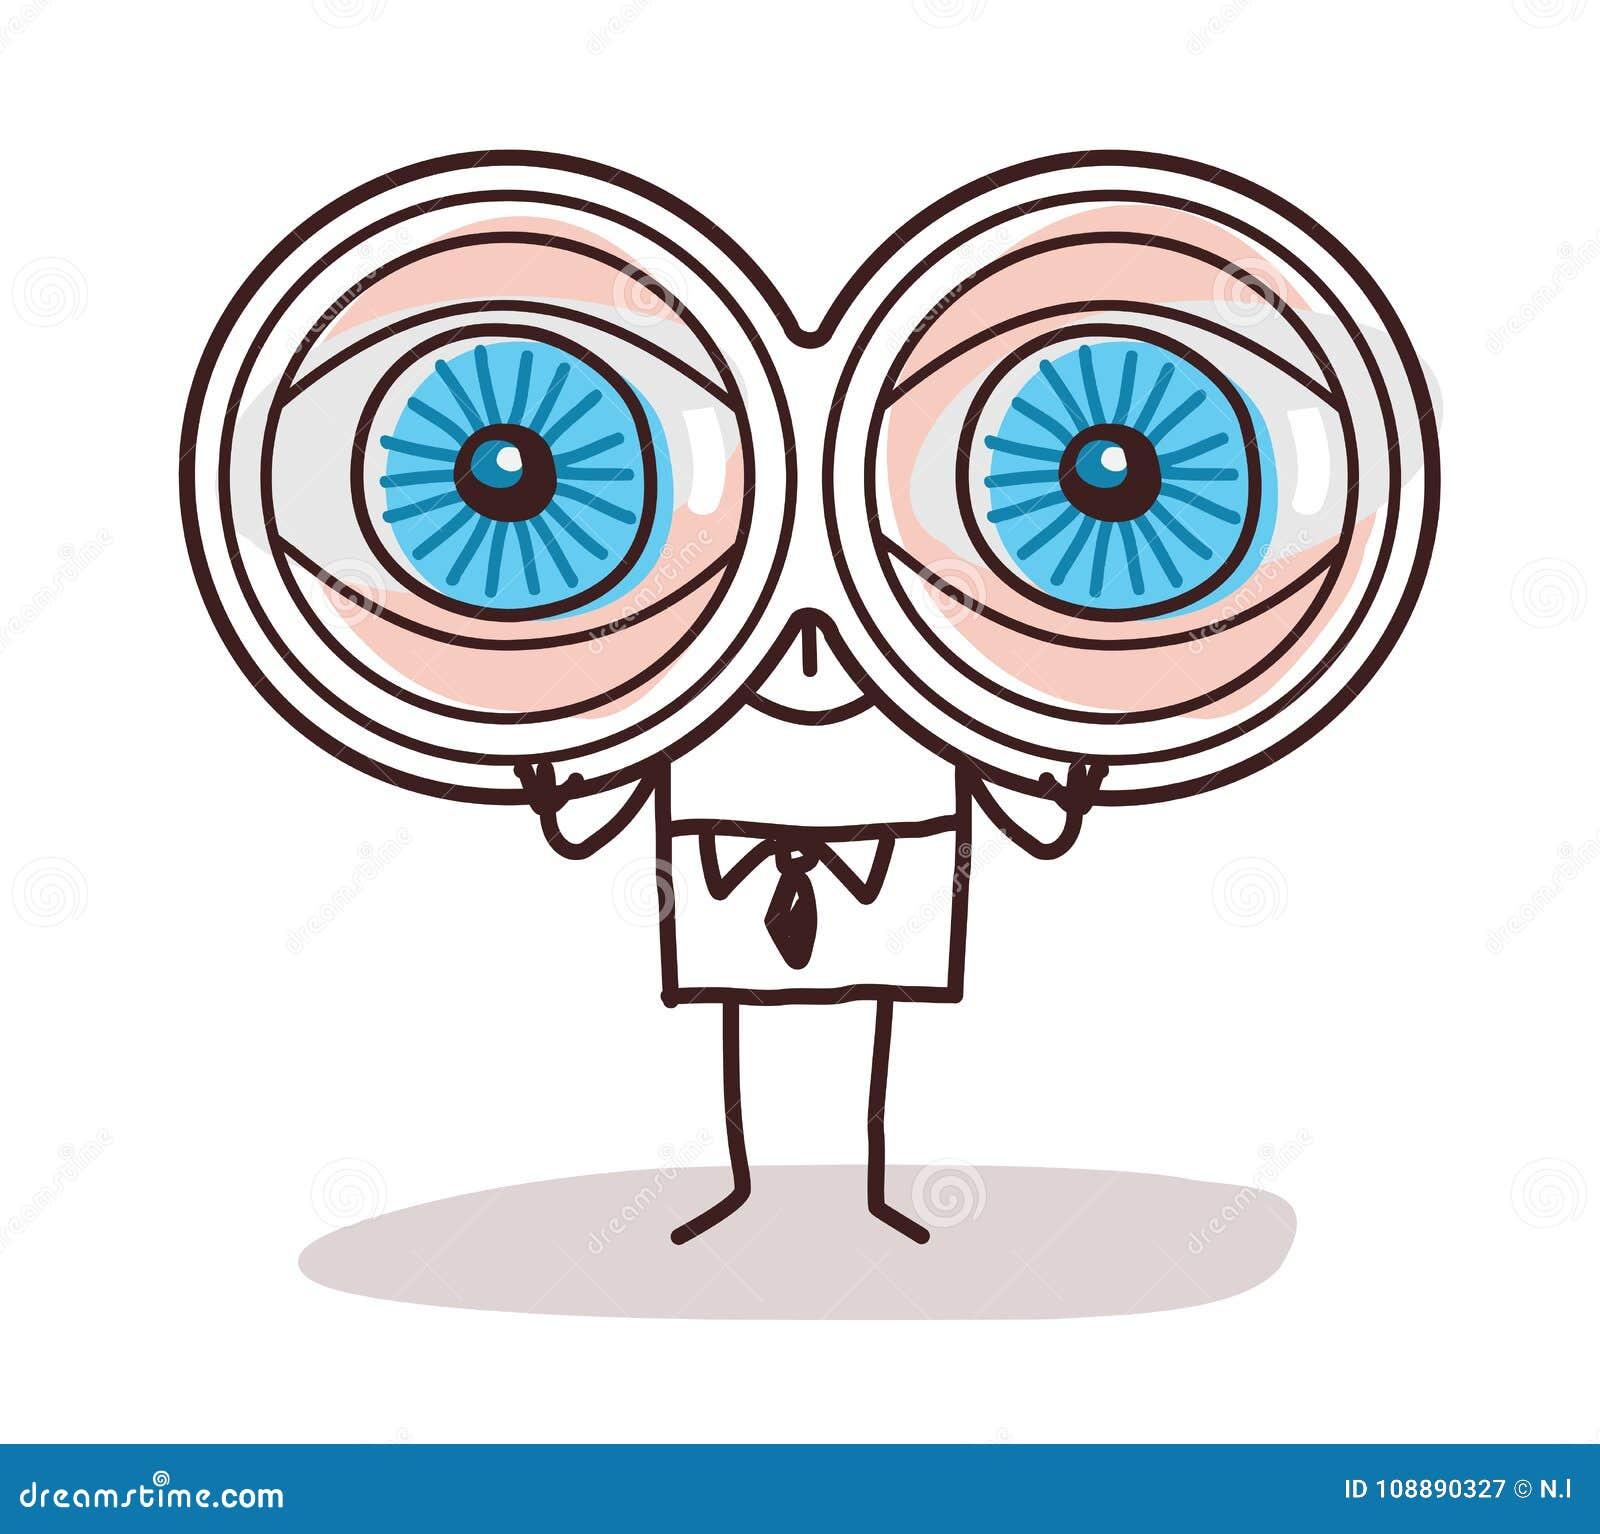 Homem De Negocios Dos Desenhos Animados Com Os Olhos Grandes Dos